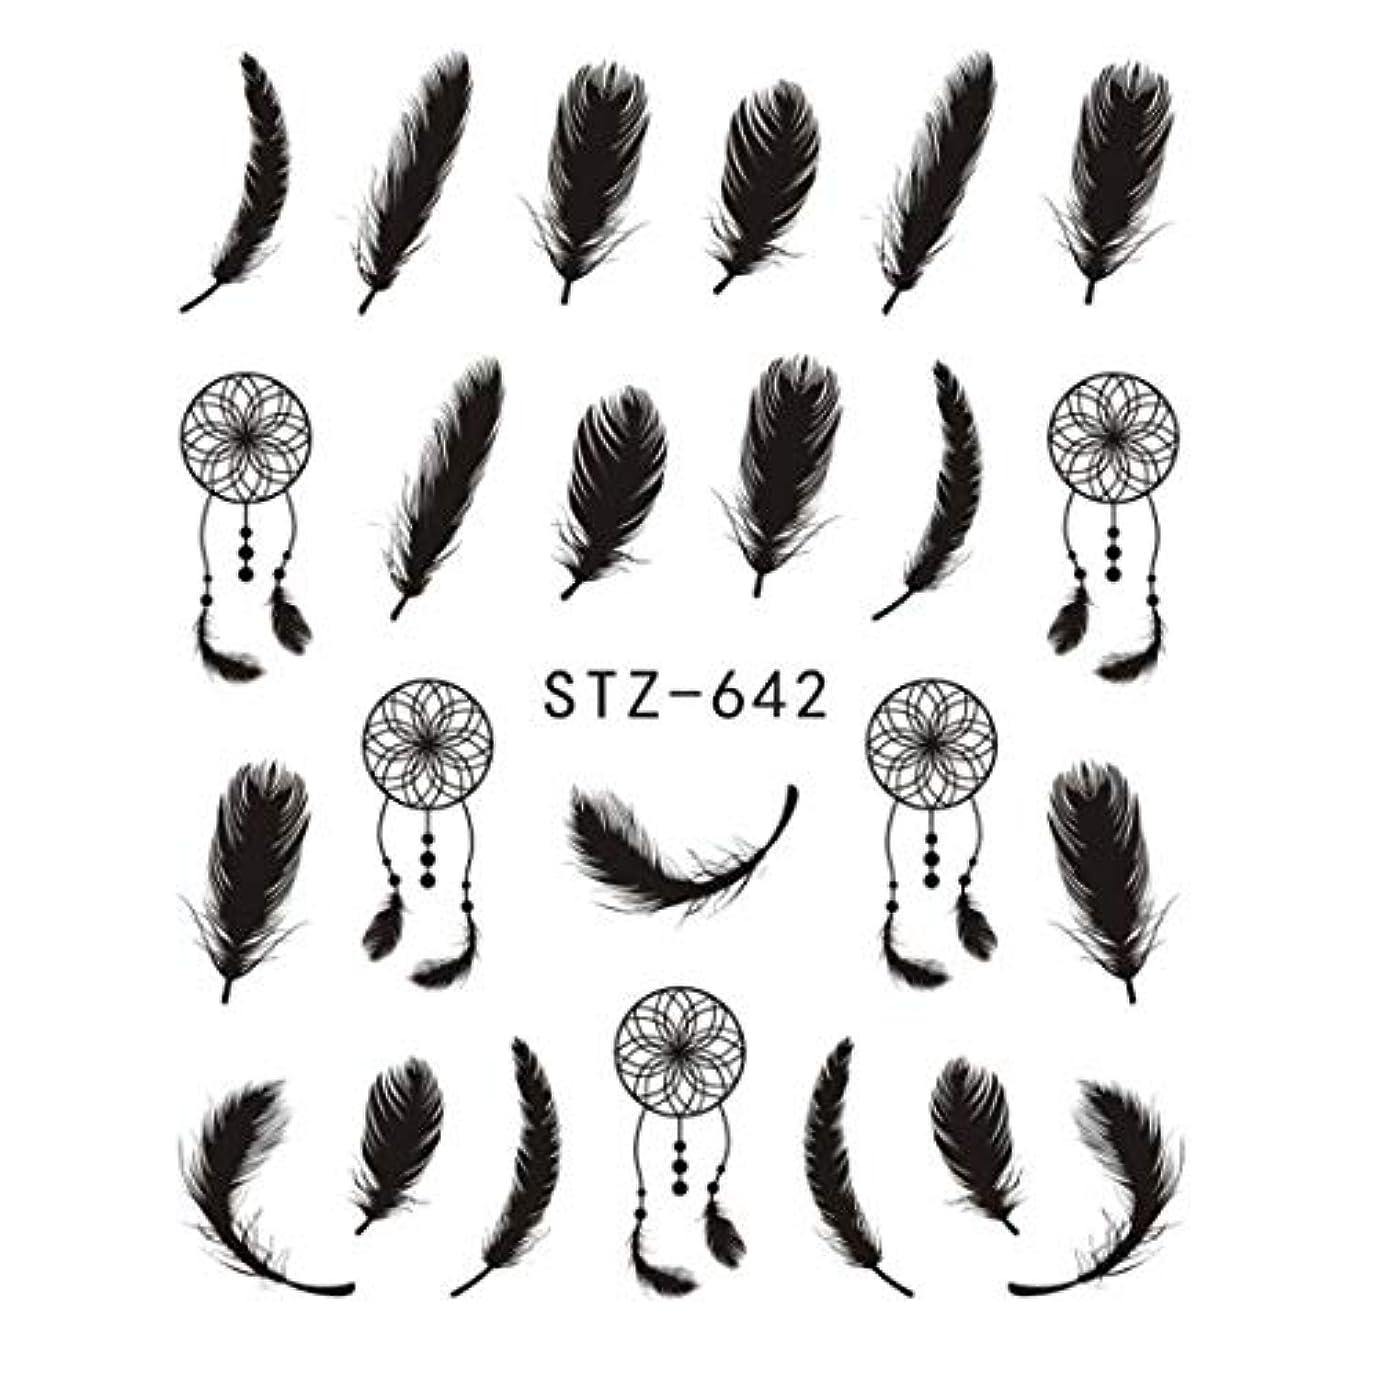 ブレーク合唱団補充SUKTI&XIAO ネイルステッカー 1Pcシンプルな芸術的な黒ステンシルネイルアート水転写ステッカージェルネイル、Stz642用の完全な装飾